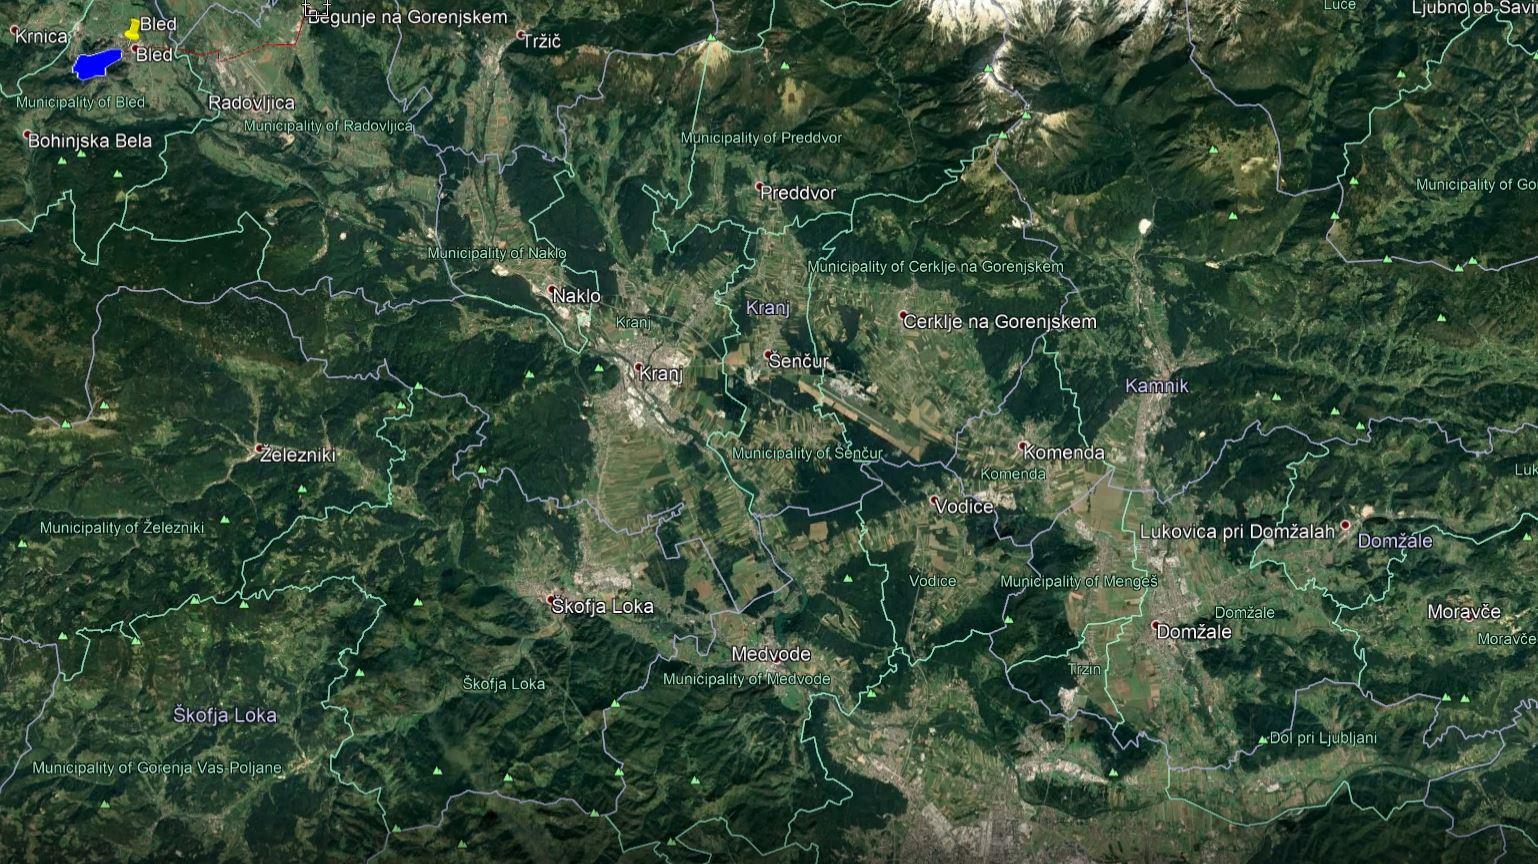 Triki za uporabo Google Earth